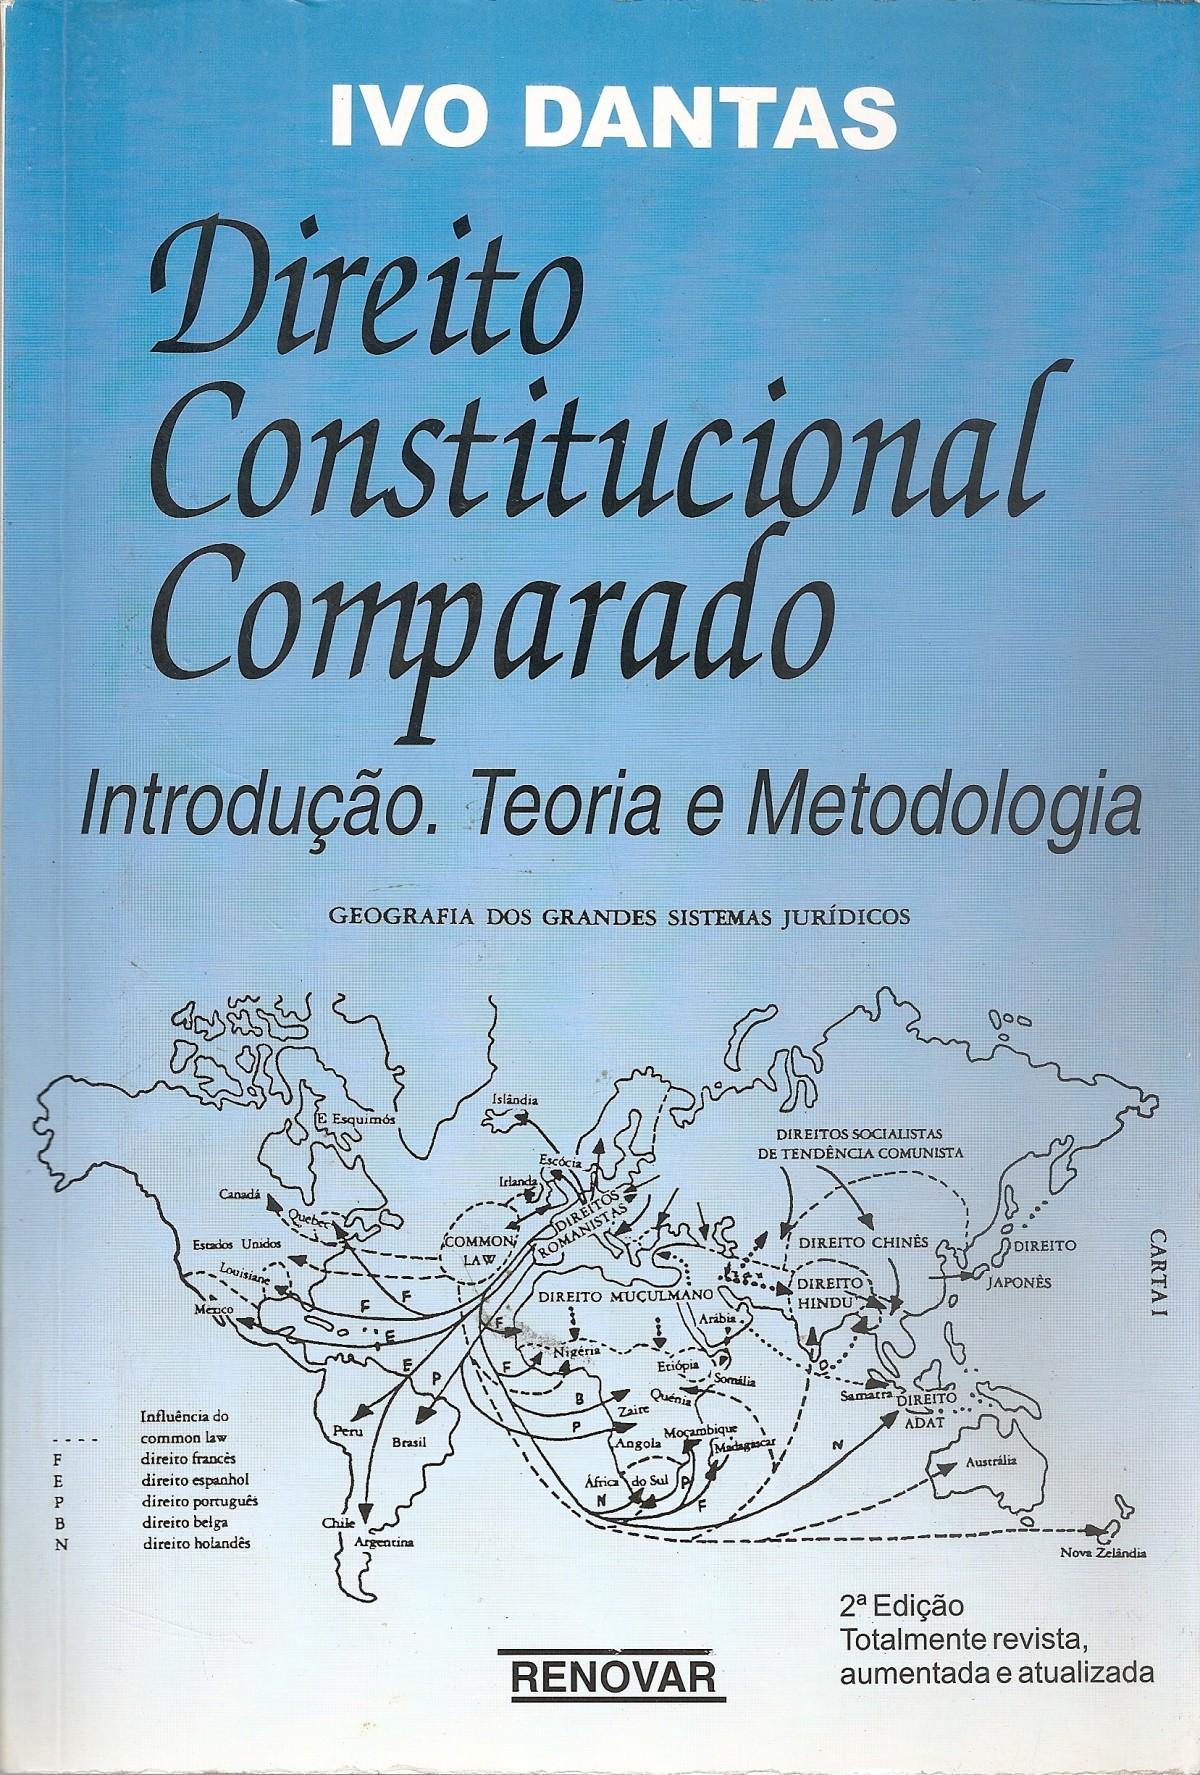 Foto 1 - Direito Constitucional Comparado - Introdução, Teoria e Metodologia - Vol. I